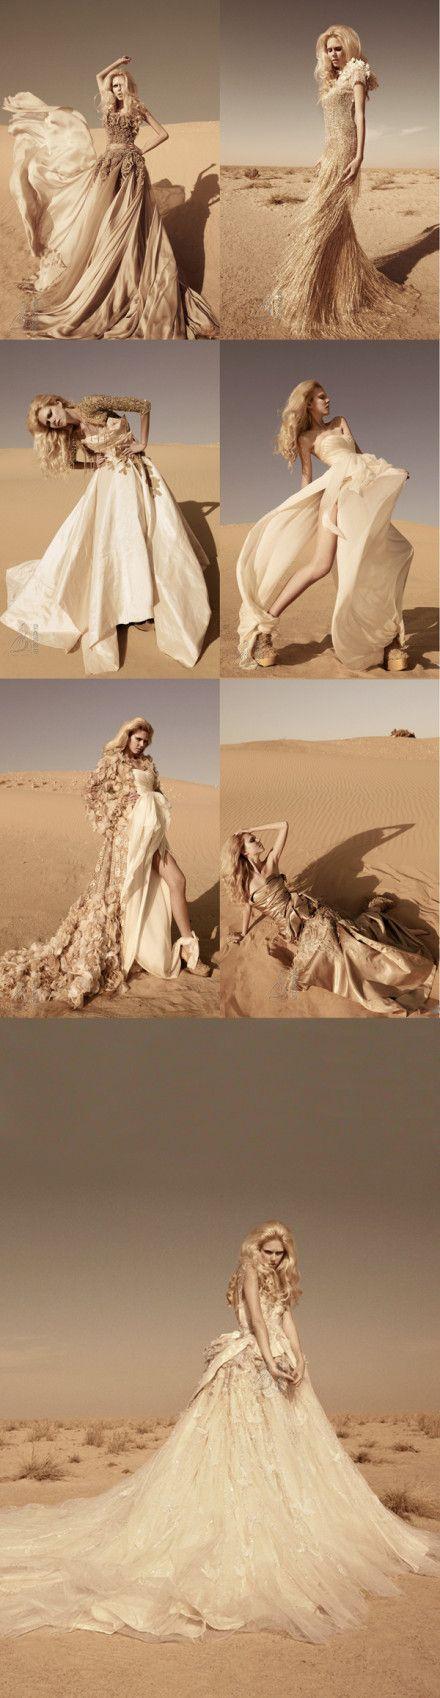 long gown desert colour outdoor dress.jpg